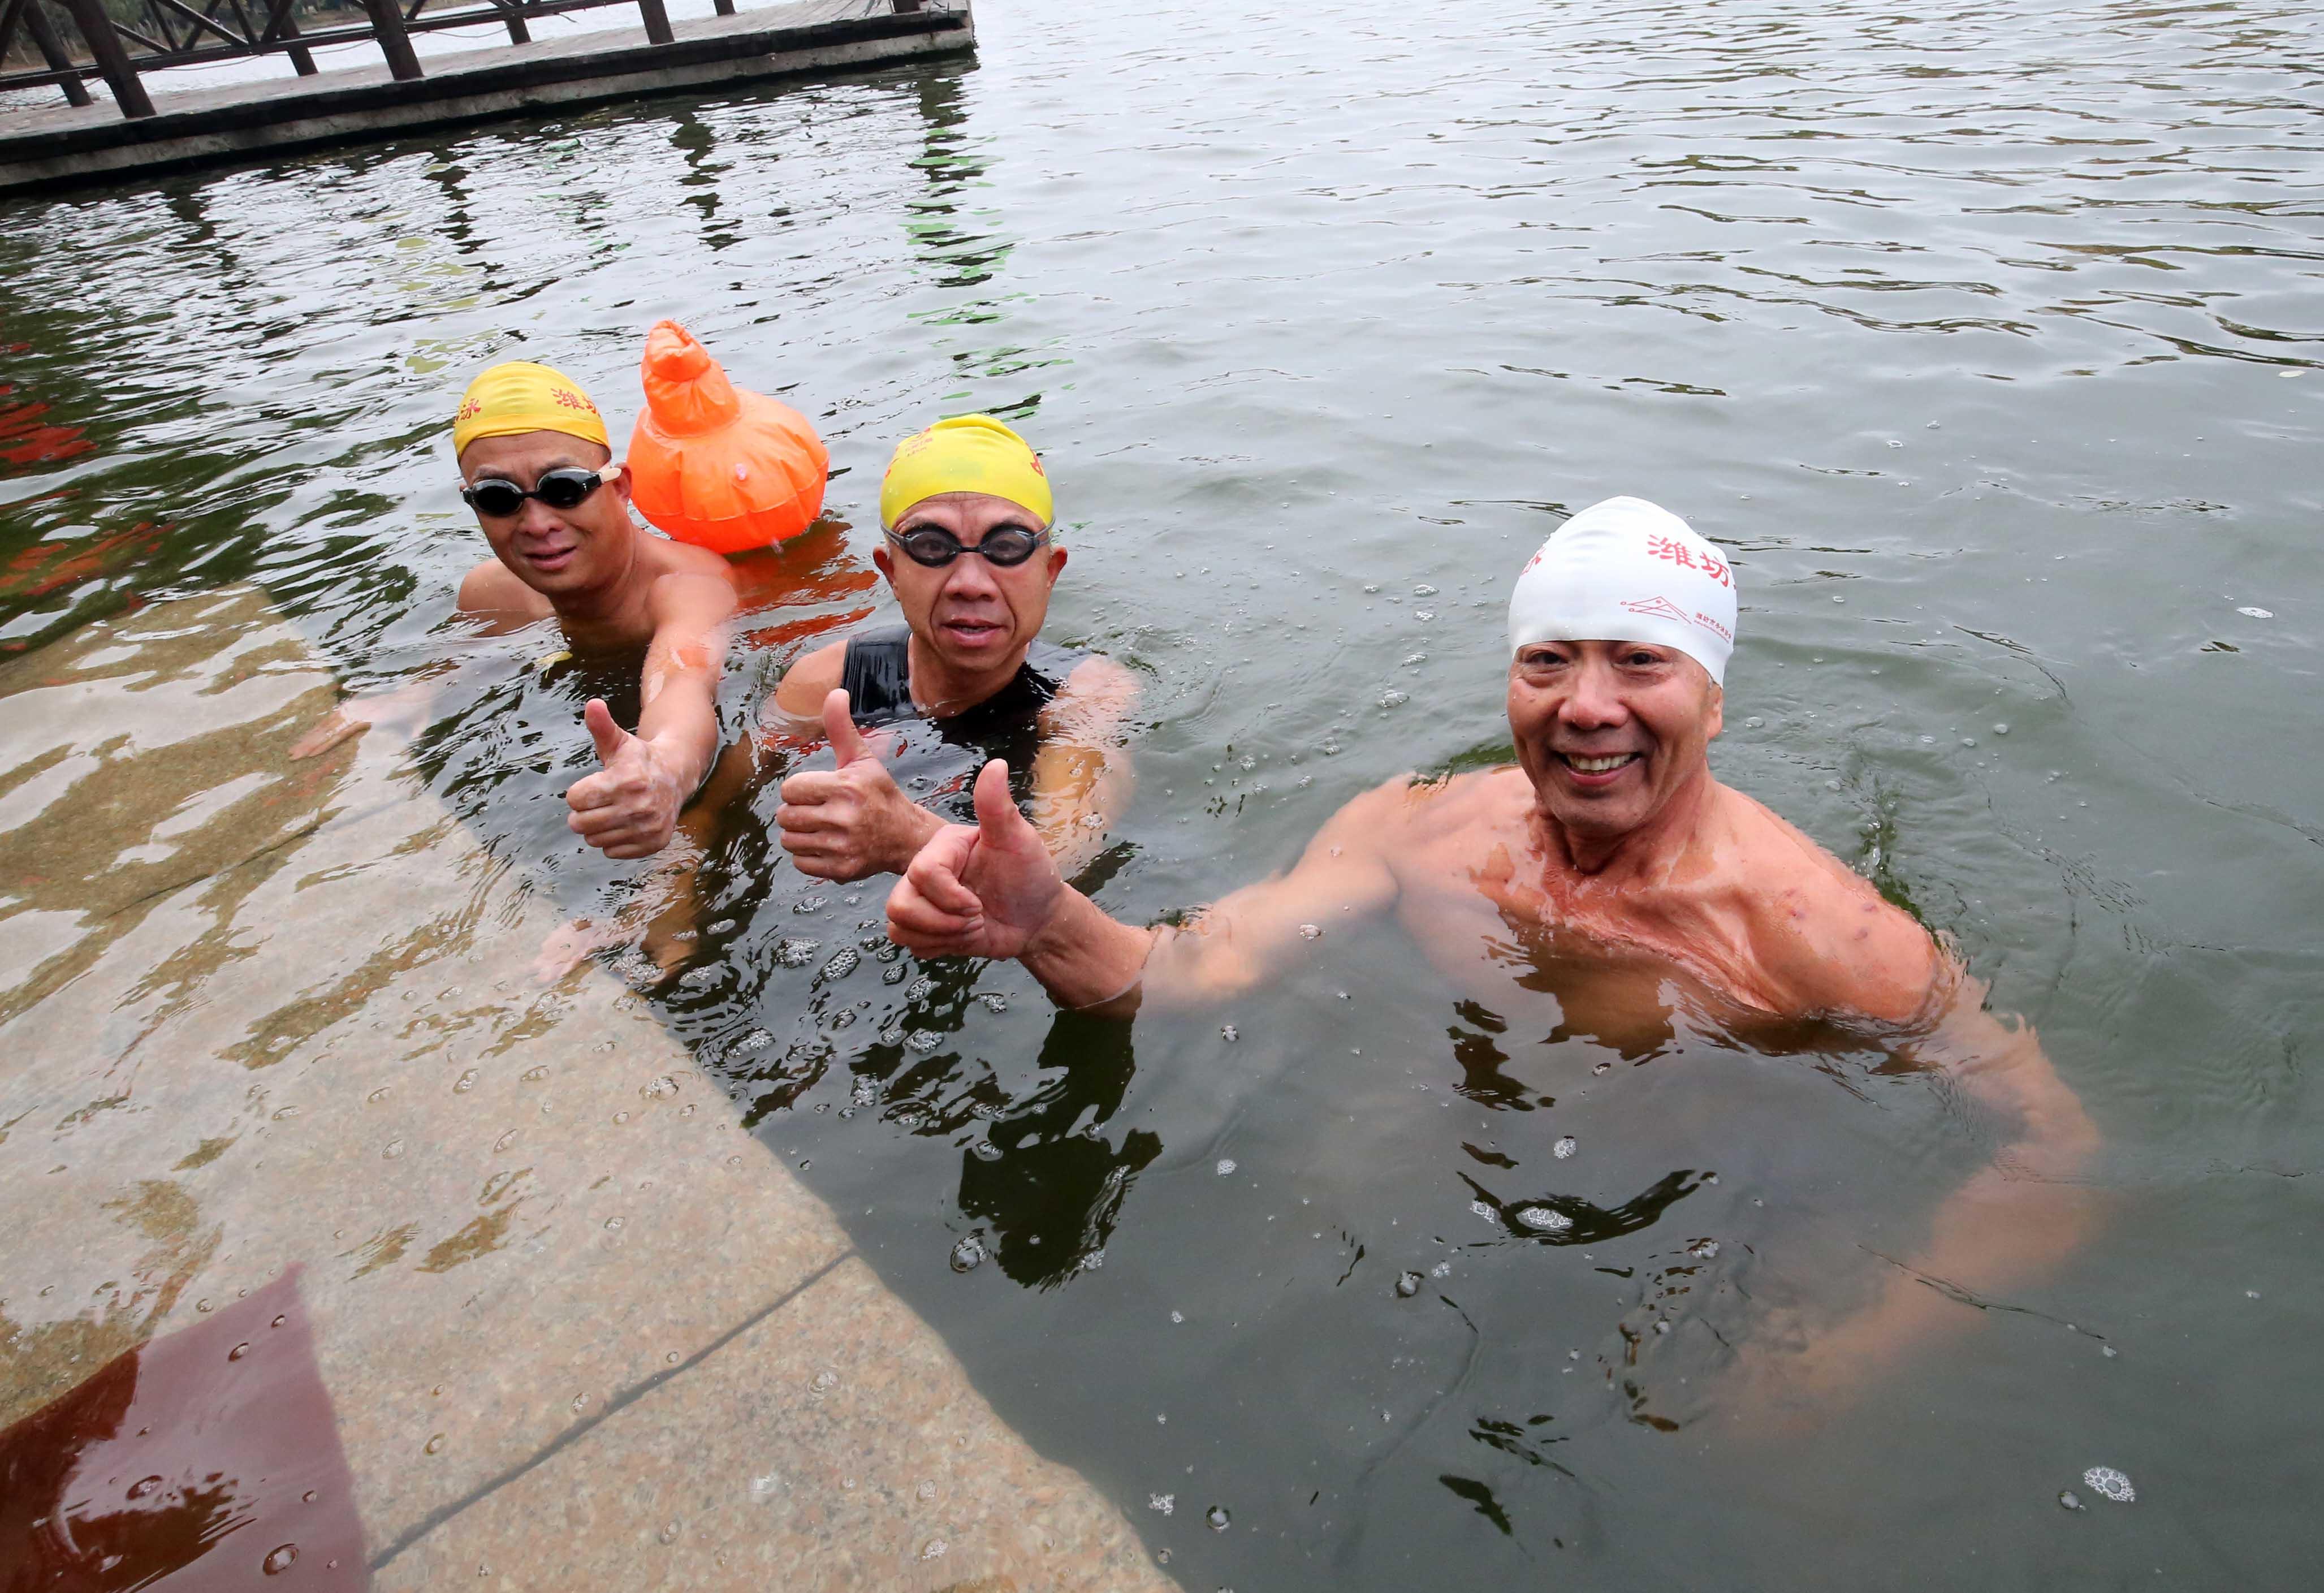 潍坊市冬泳协会超千人,他们游泳同时义务救生救助